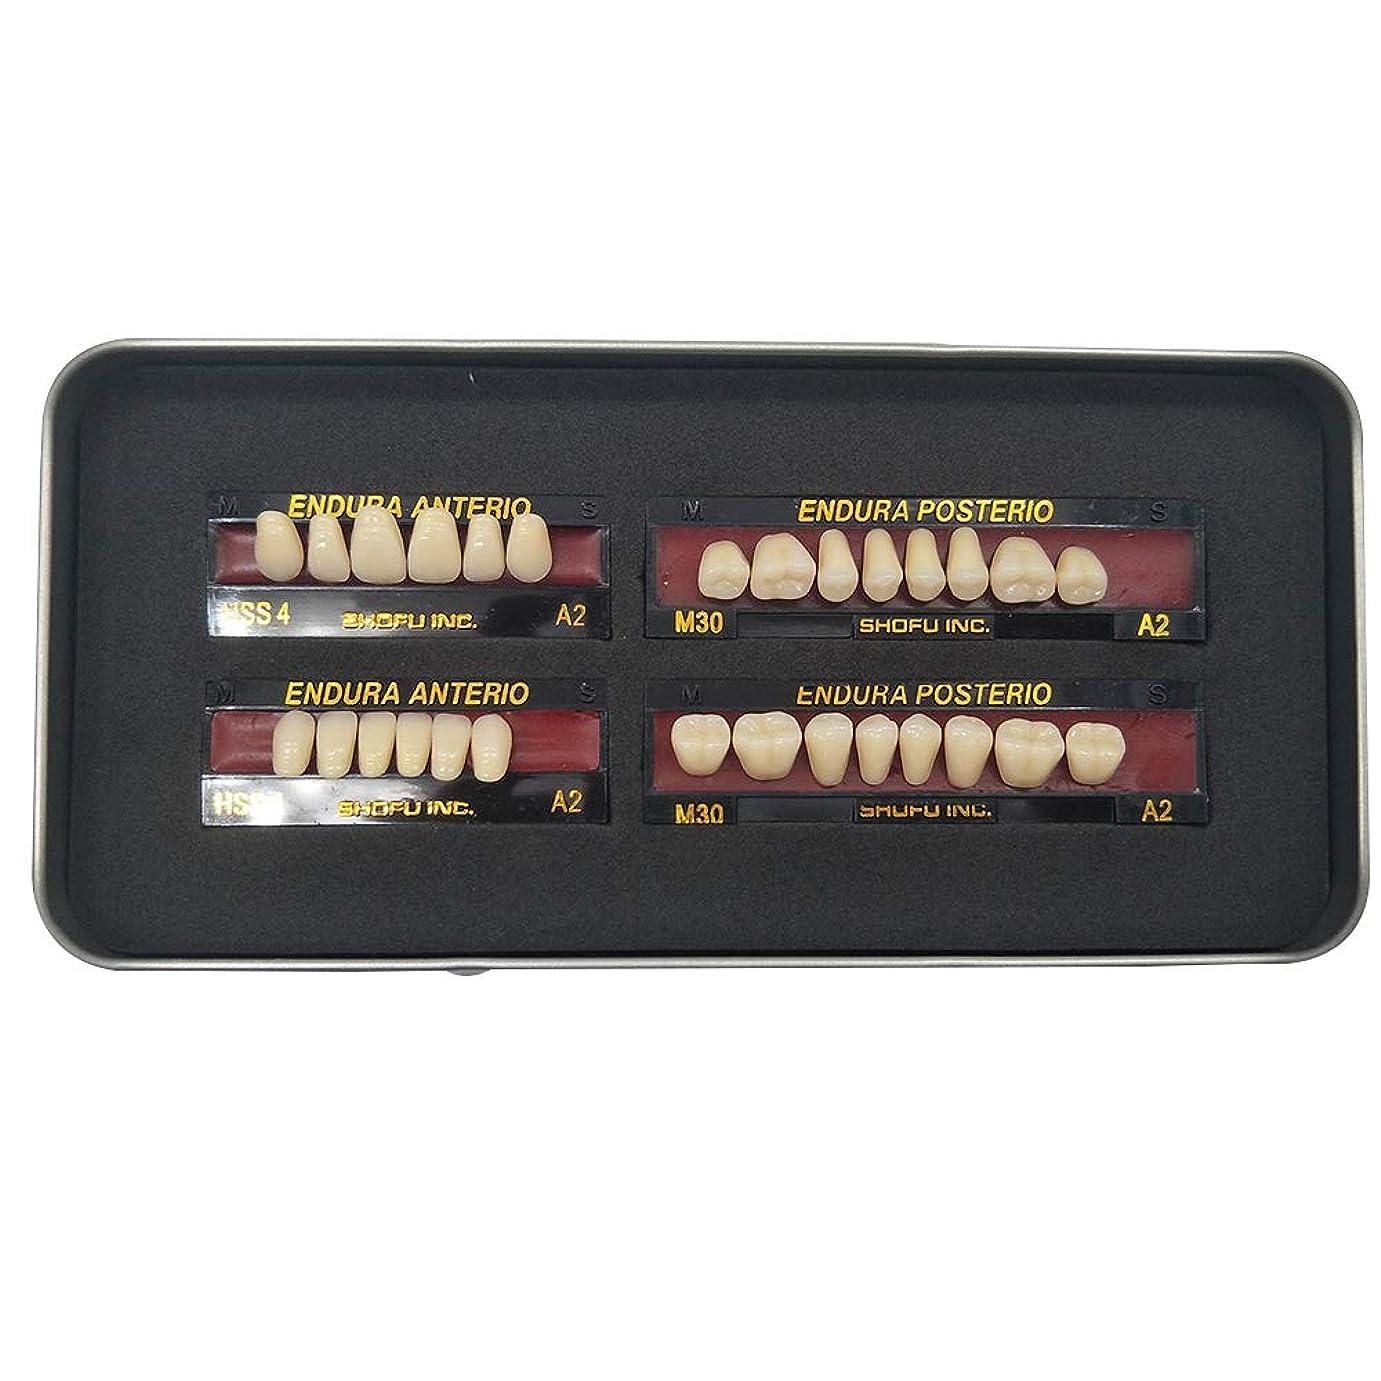 詩共感する以前はSHINAHUATONG 1ボックス/セット歯科用 義歯 サイズM30 カラーA2 28枚/セット